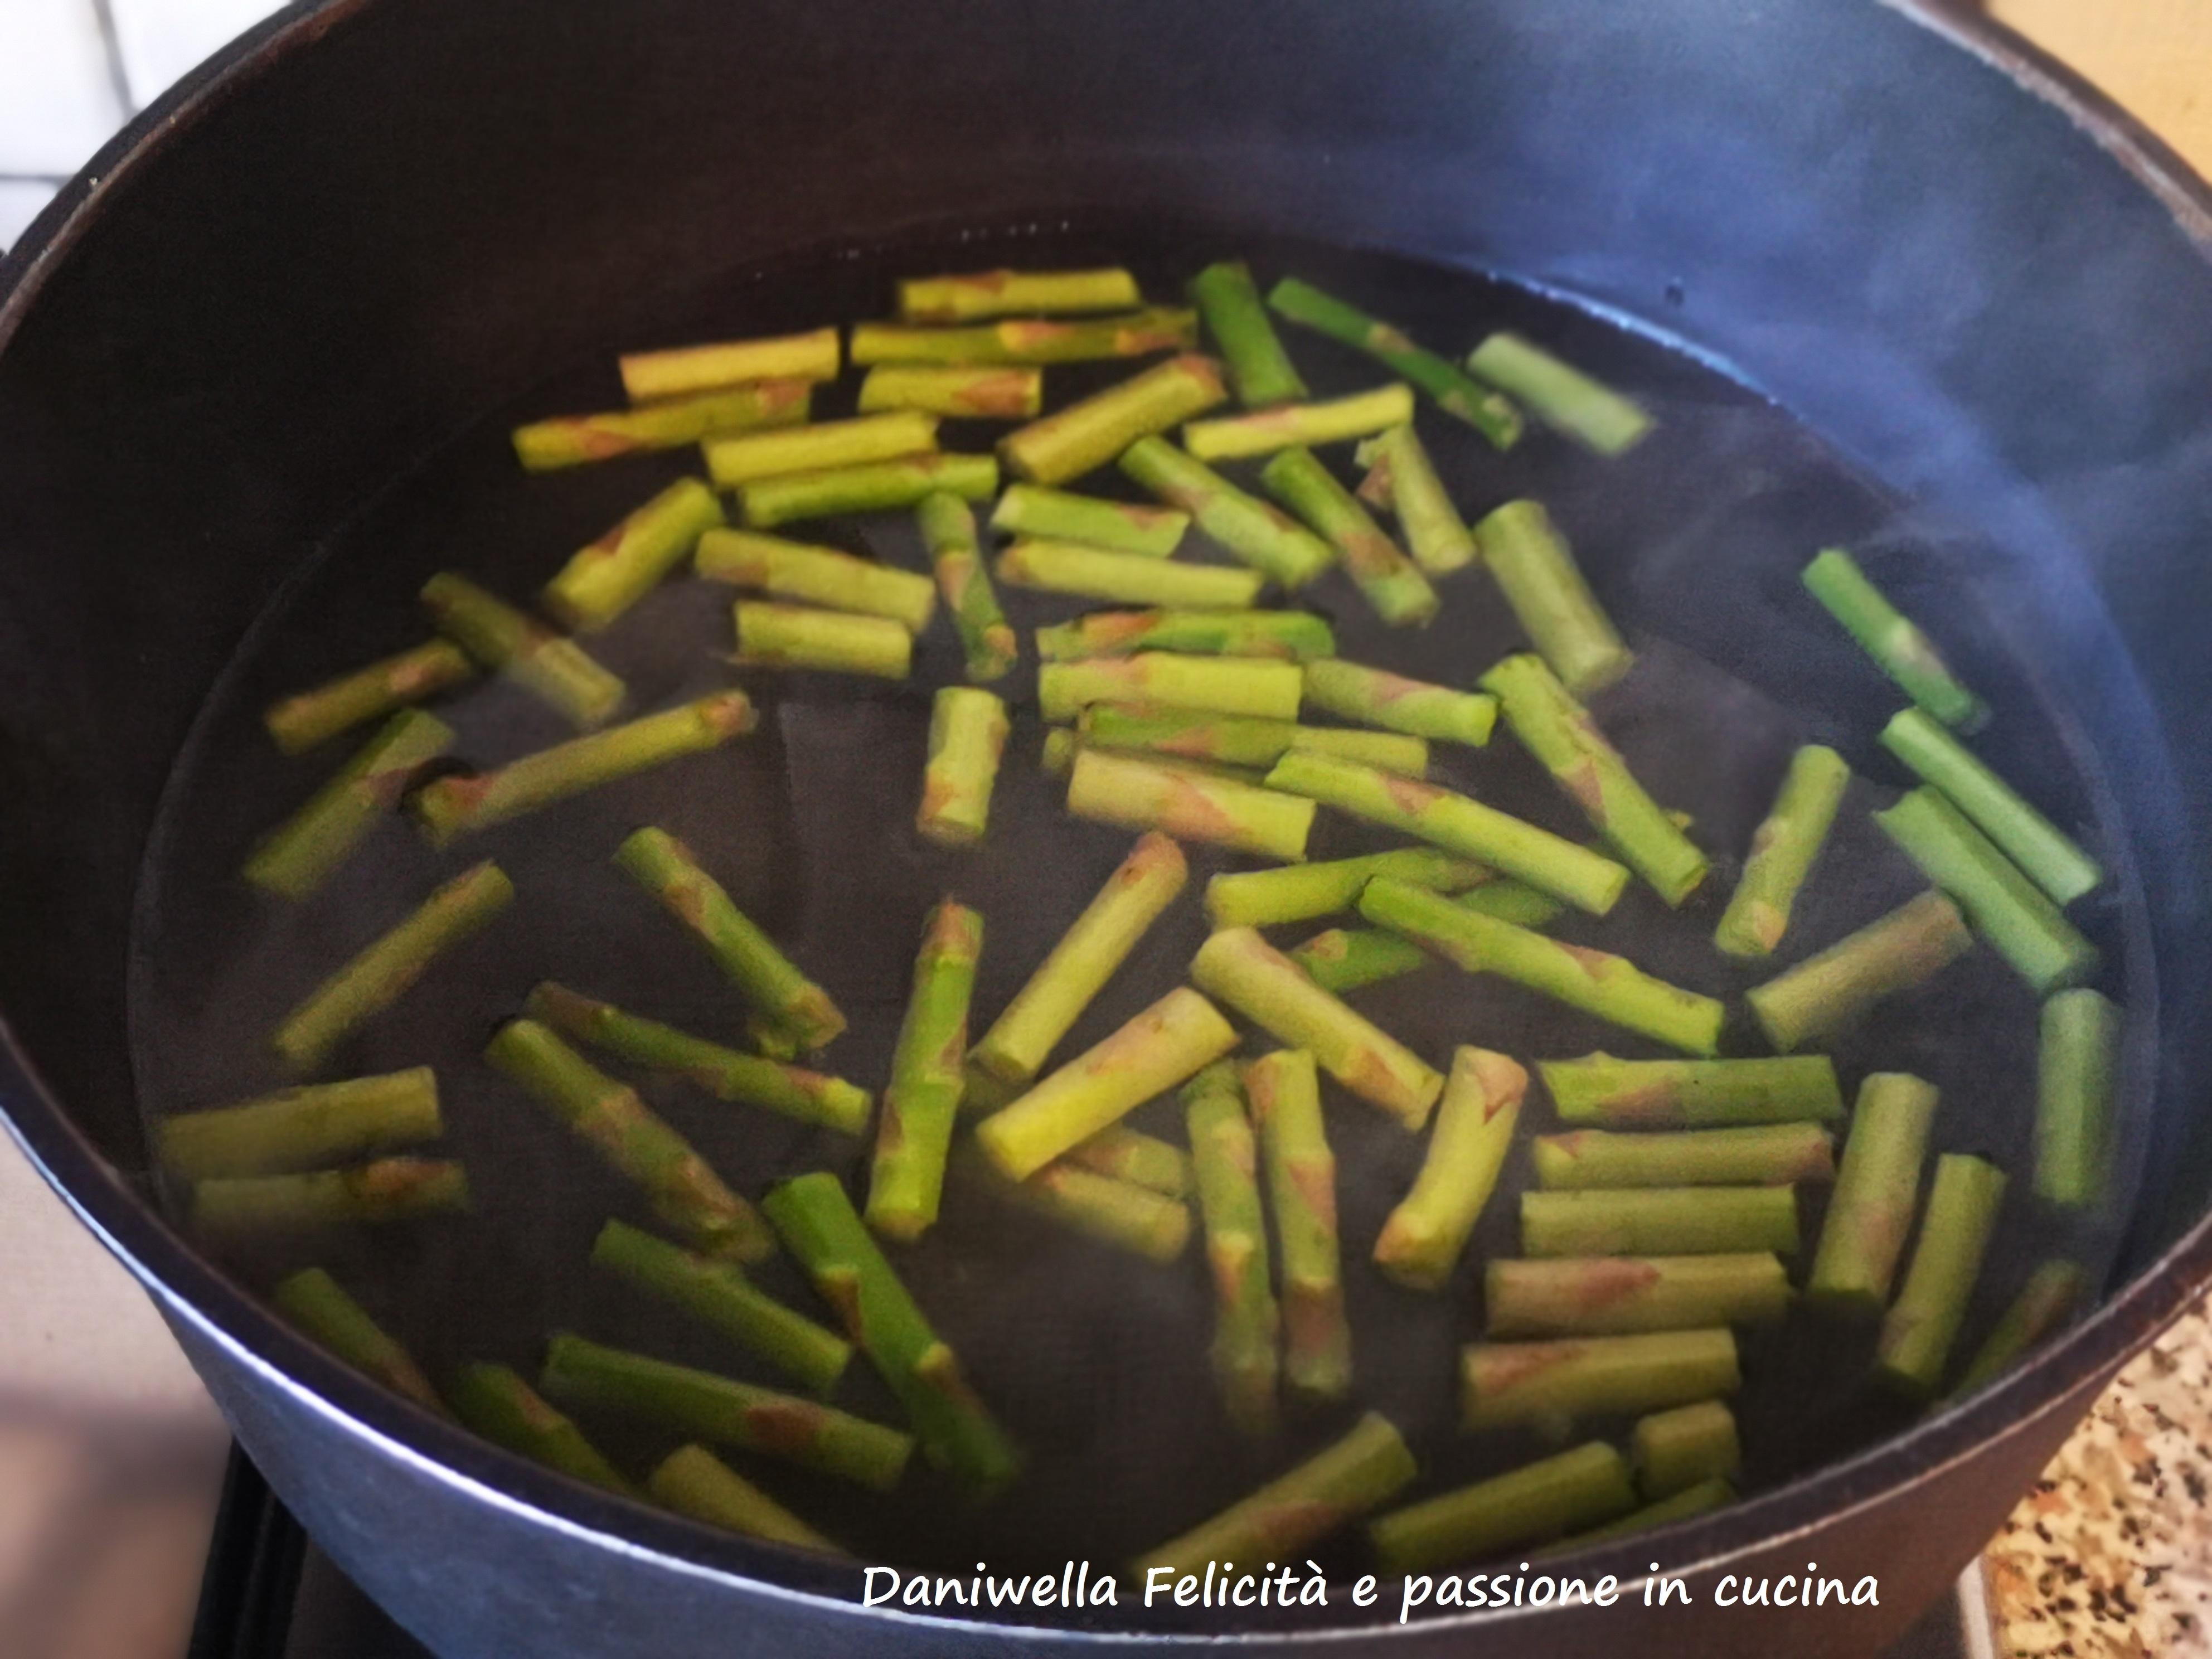 In una pentola mettete l'acqua e i gambi, portate a bollore e calcolate 8/9 minuti. Salate a fine cottura.